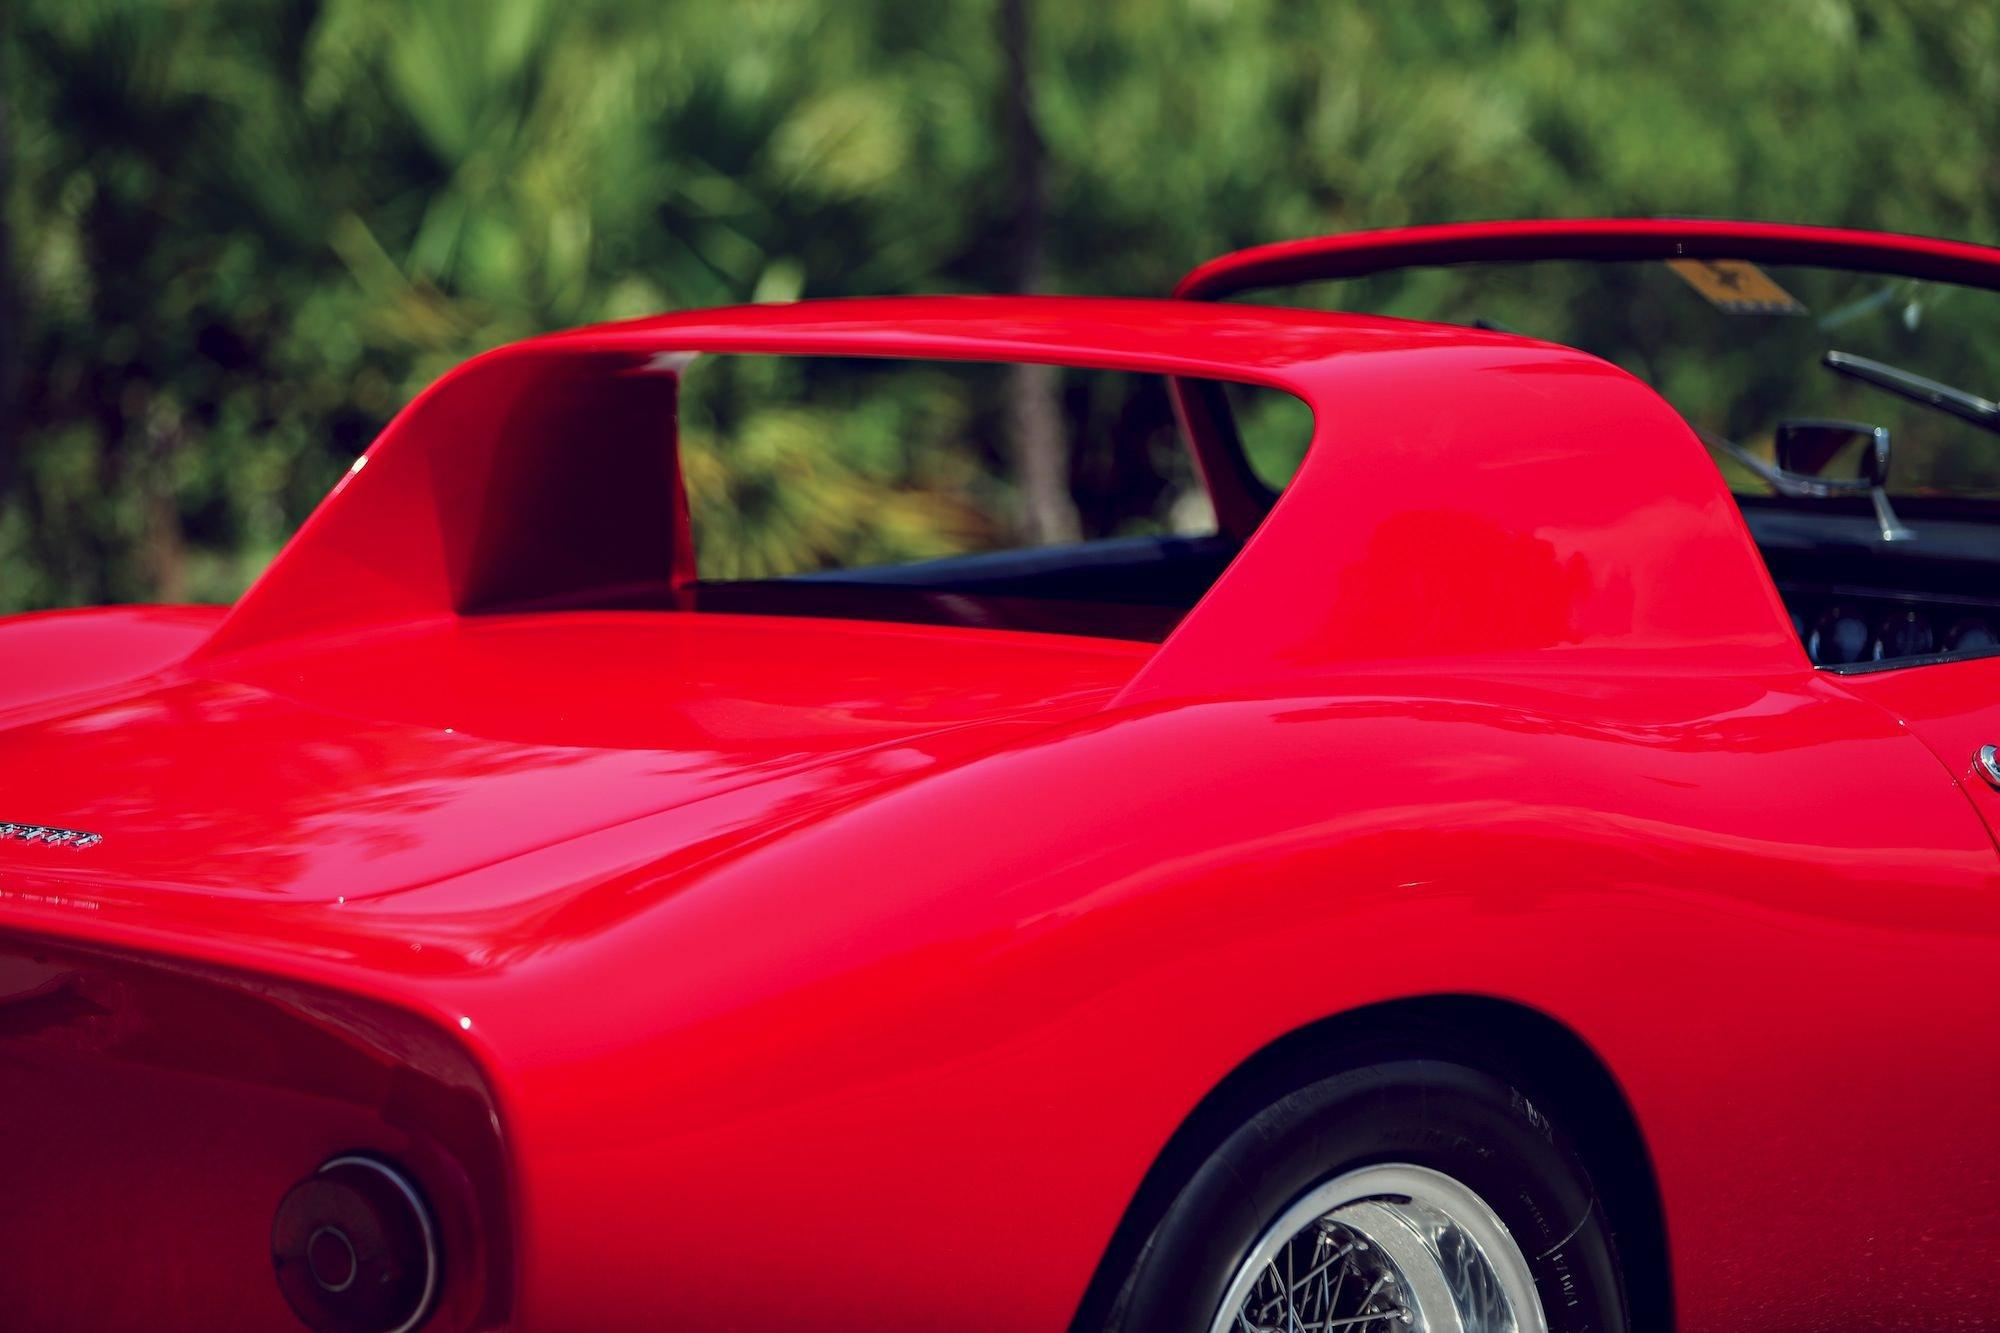 Ferrari 250 GT N.A.R.T. Spider by Fantuzzi 9